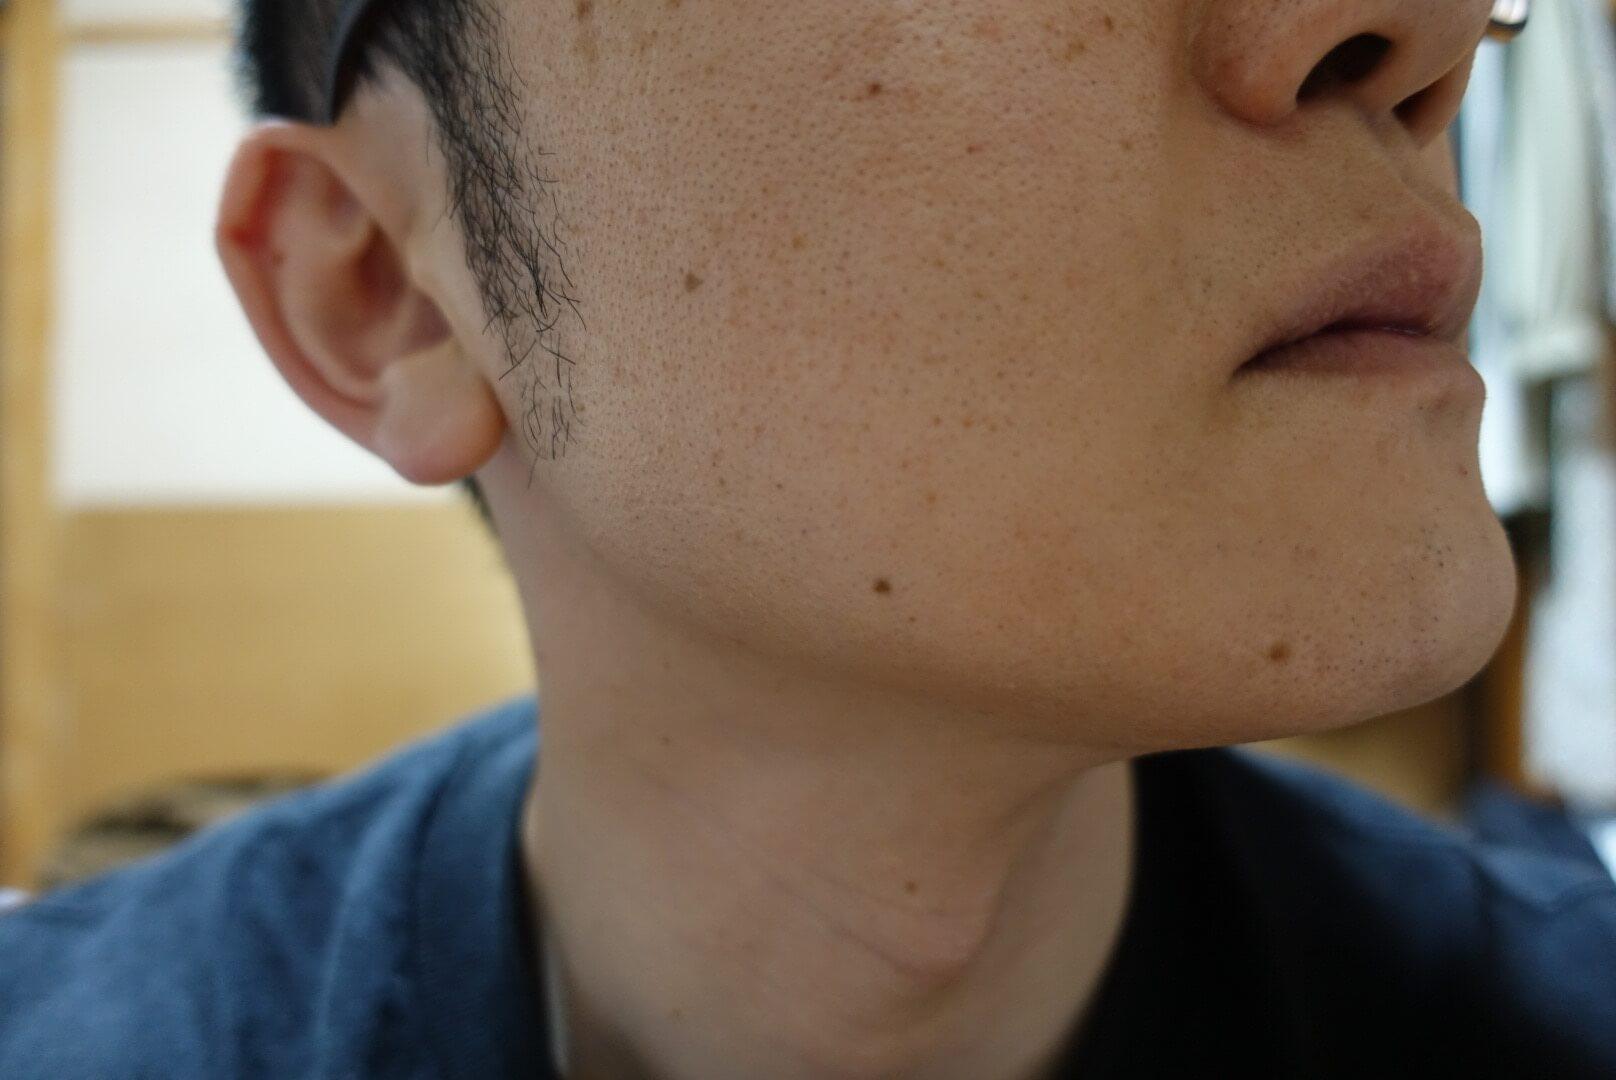 ヒゲ脱毛11回目施術1ヵ月後-側面(右)